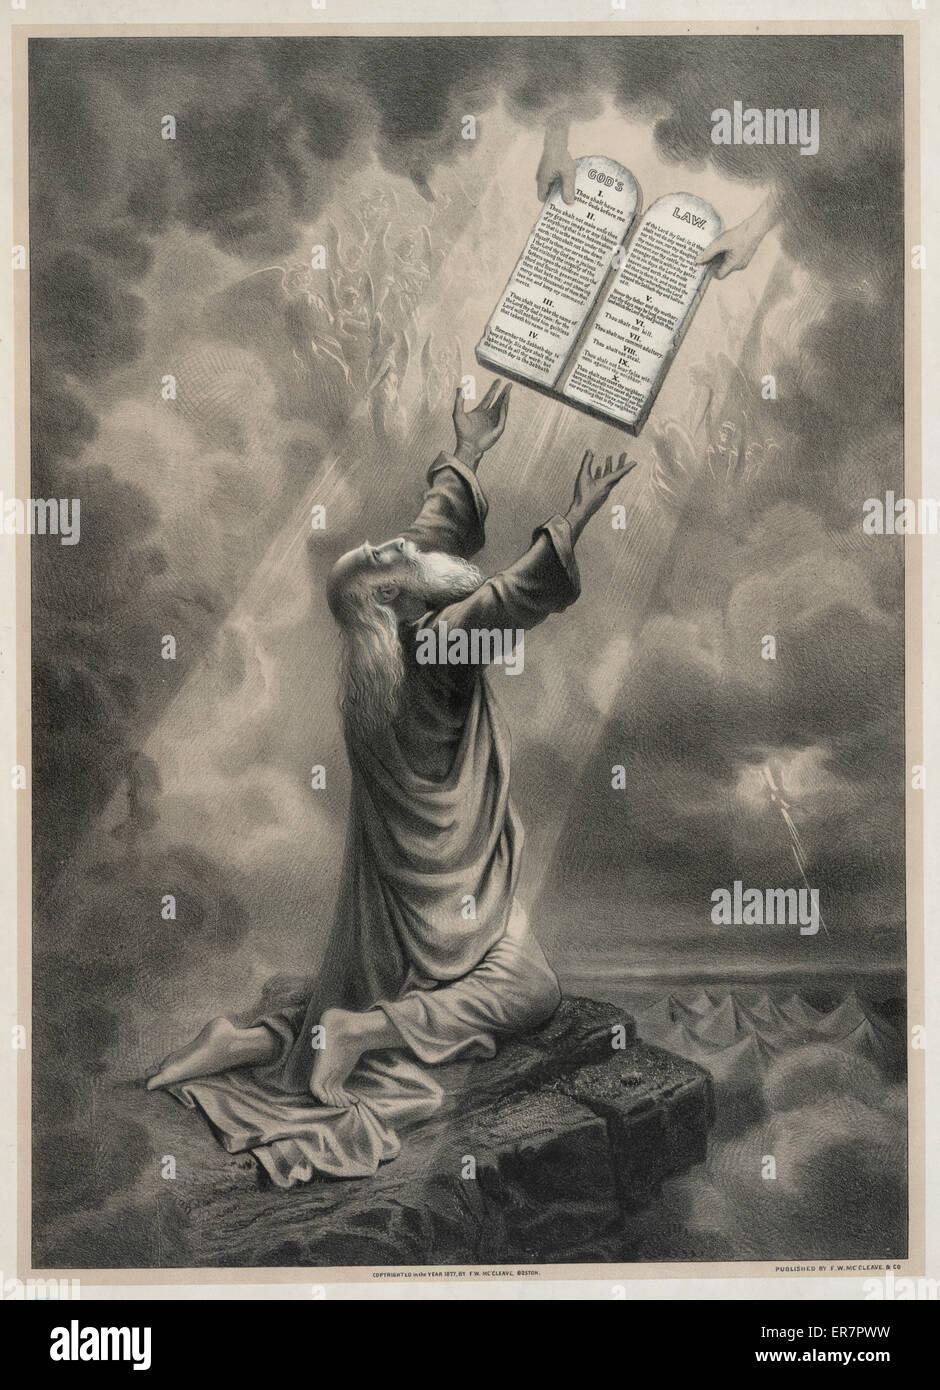 Moïse receiveing la loi. Imprimer montre Moïse s'agenouiller et atteindre vers le haut pour accepter les commandements theTen, comportent des mains de Dieu. Les anges peuvent être vus dans le ciel. Date c1877. Banque D'Images